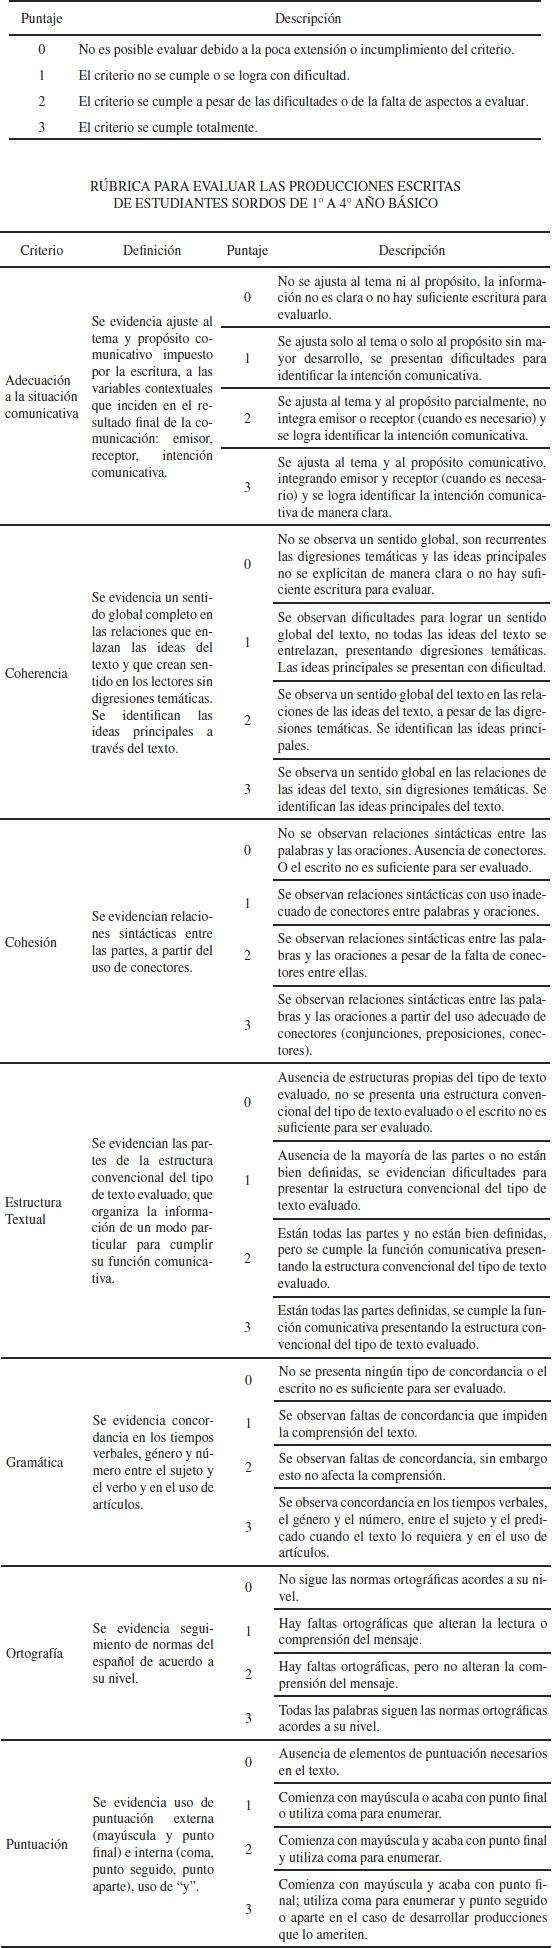 Evaluación de la escritura de estudiantes sordos bilingües